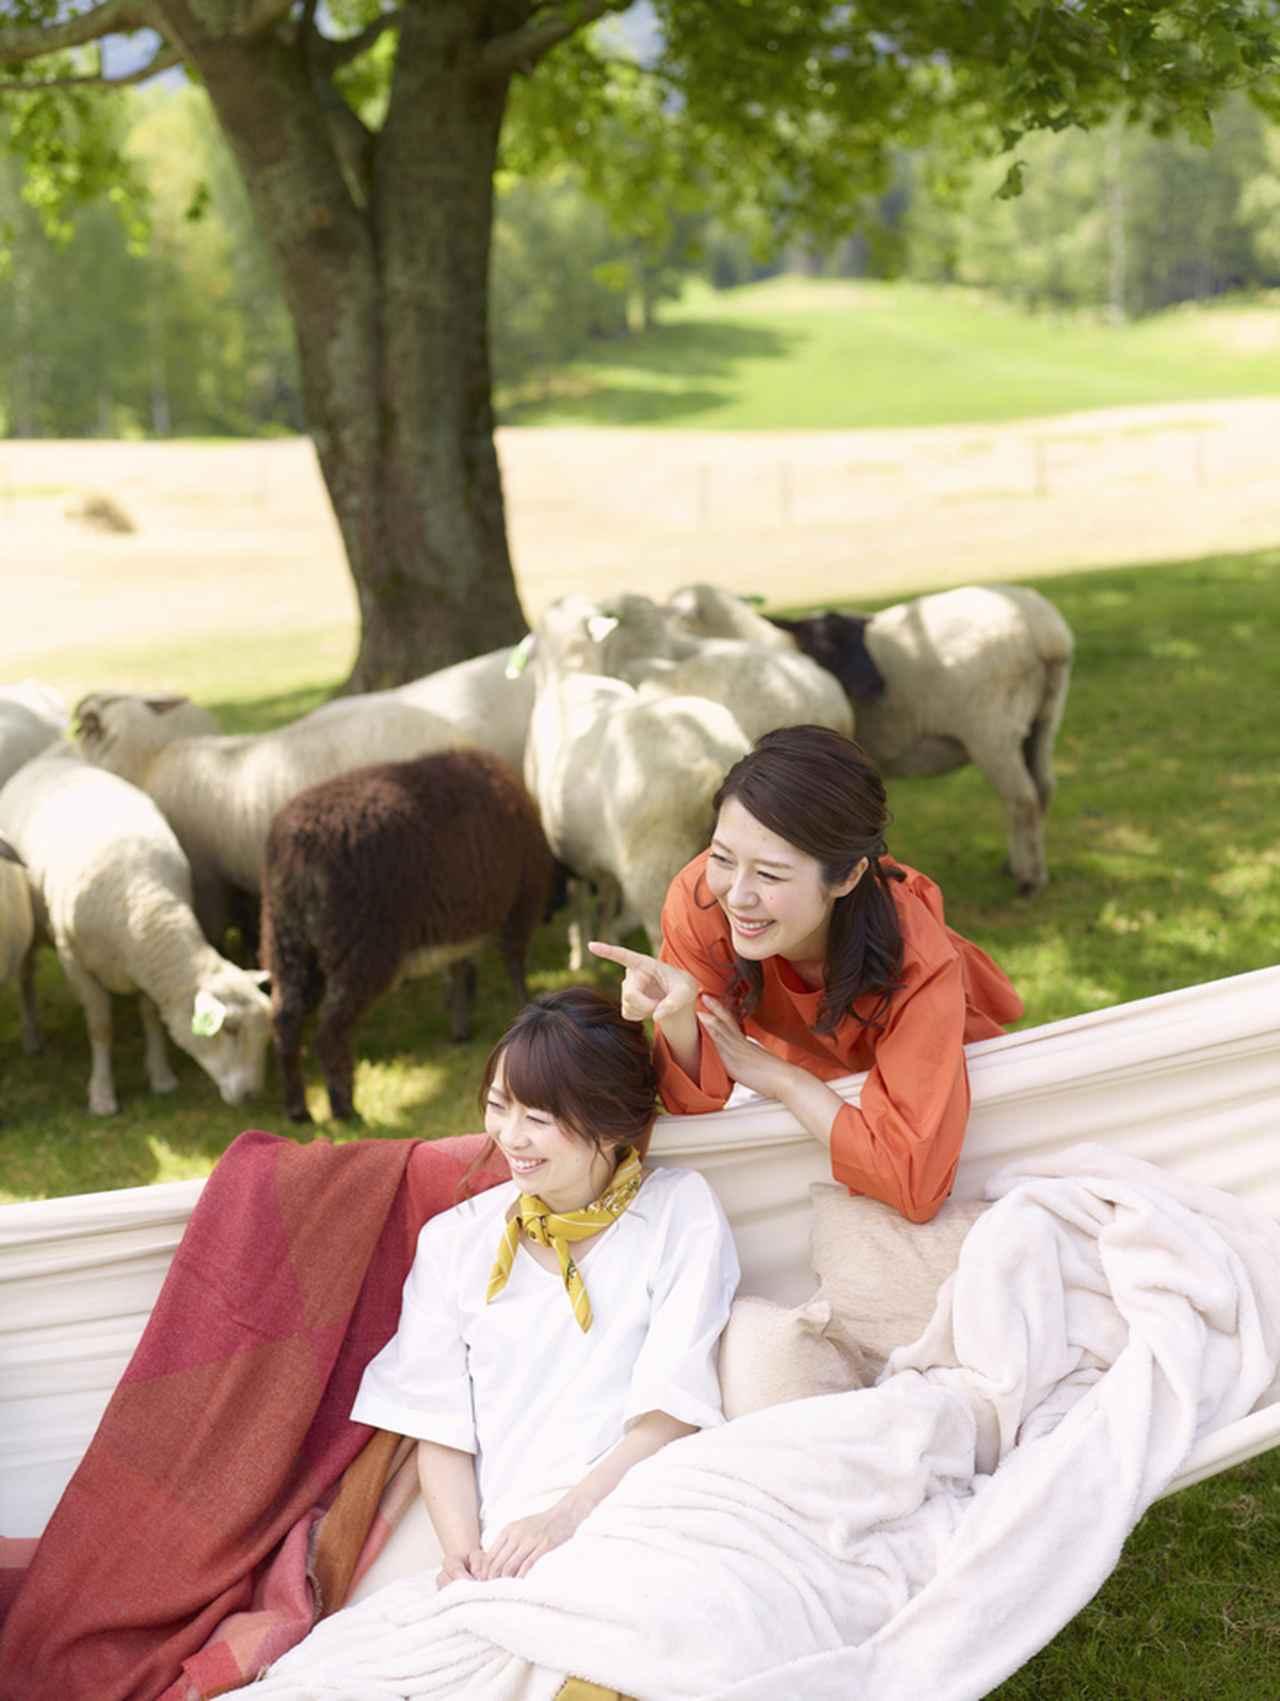 画像1: 羊毛のブランケットにくるまって北海道の景色を眺める